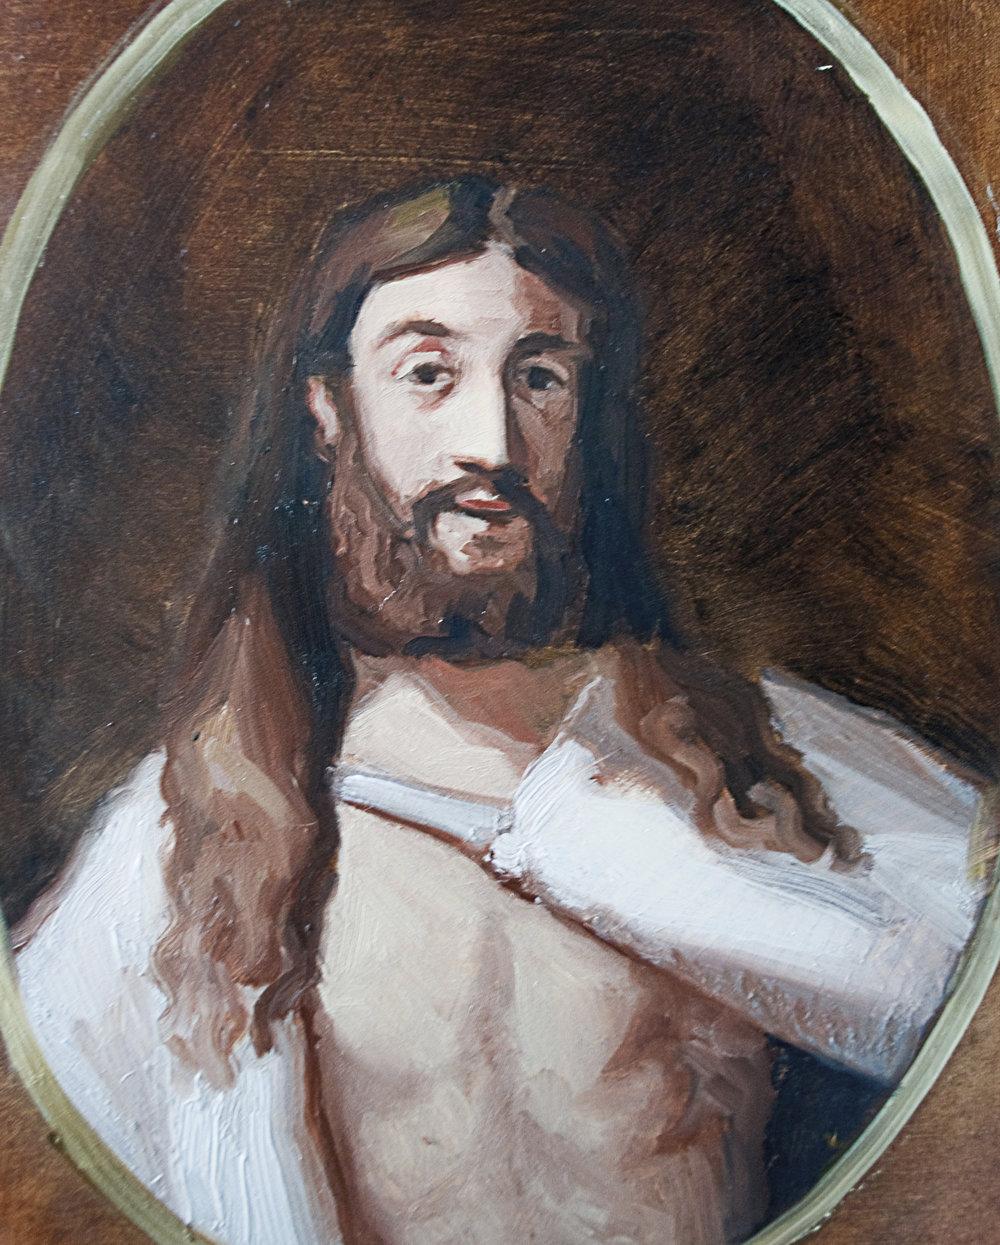 Rembrandt Christ_Redux_2013.jpg